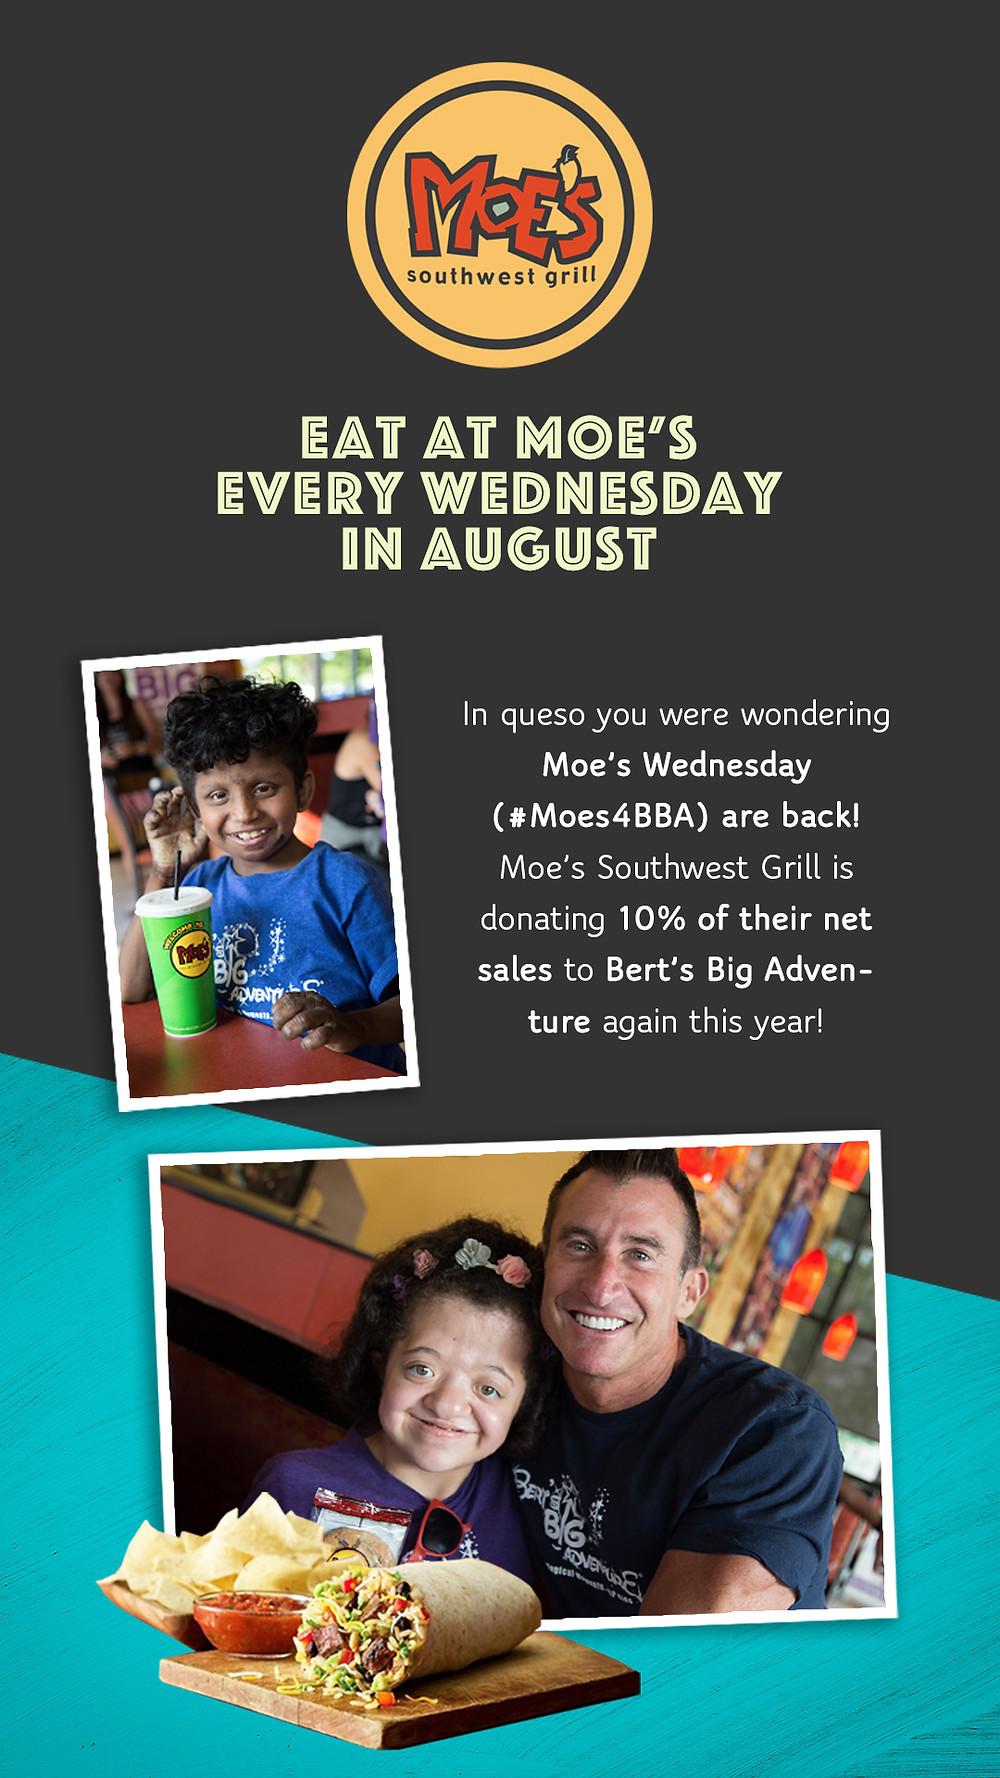 Moe's Wednesdays For Bert's Big Adventure in August